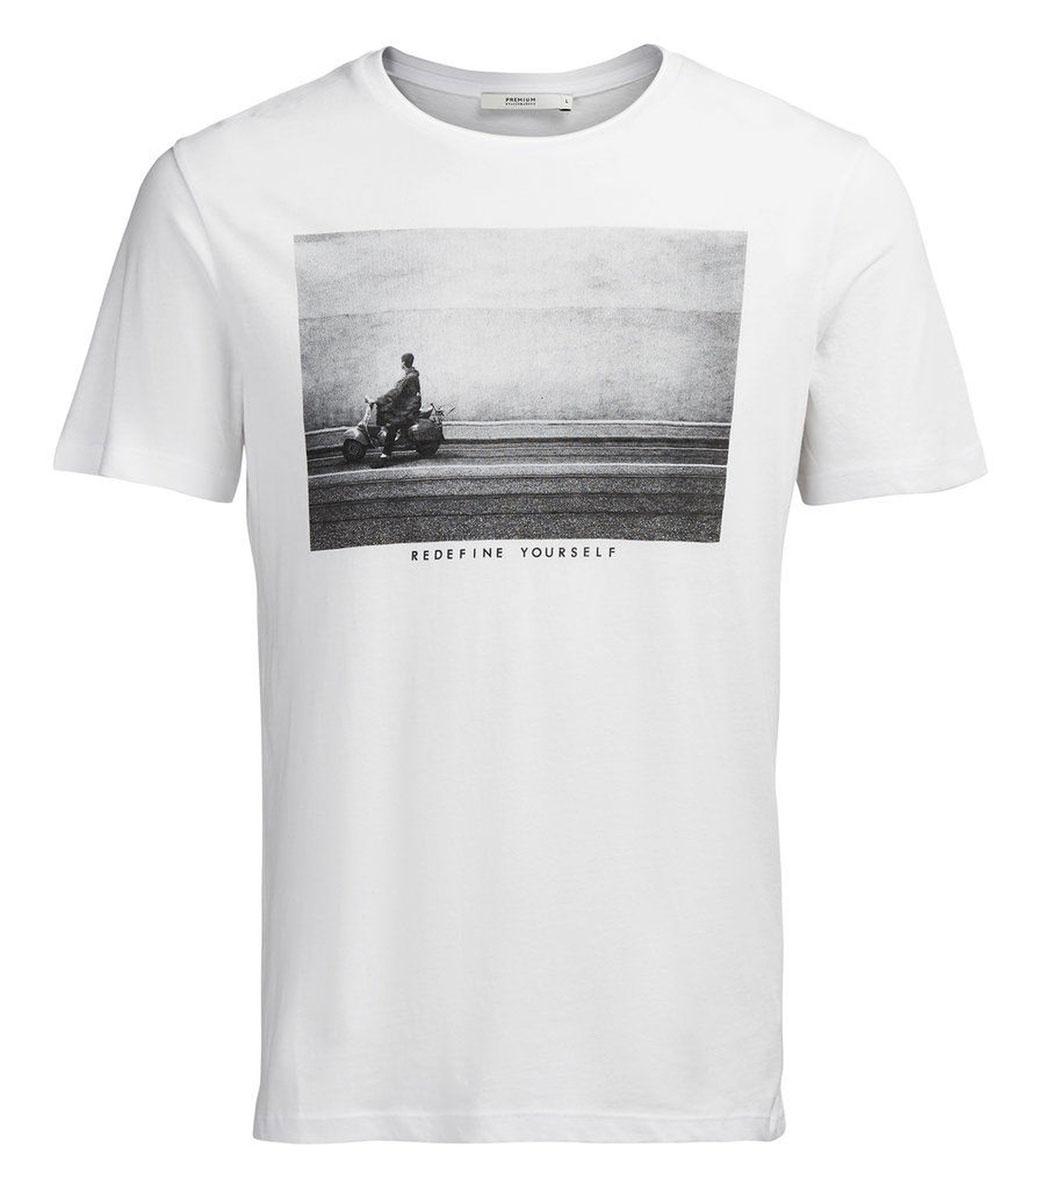 Футболка12109962_WhiteМужская футболка Jack & Jones с короткими рукавами и круглым вырезом горловины выполнена из натурального хлопка. Футболка украшена крупным принтом с изображением черно-белой фотографии и надписи Redefine Yourself спереди.